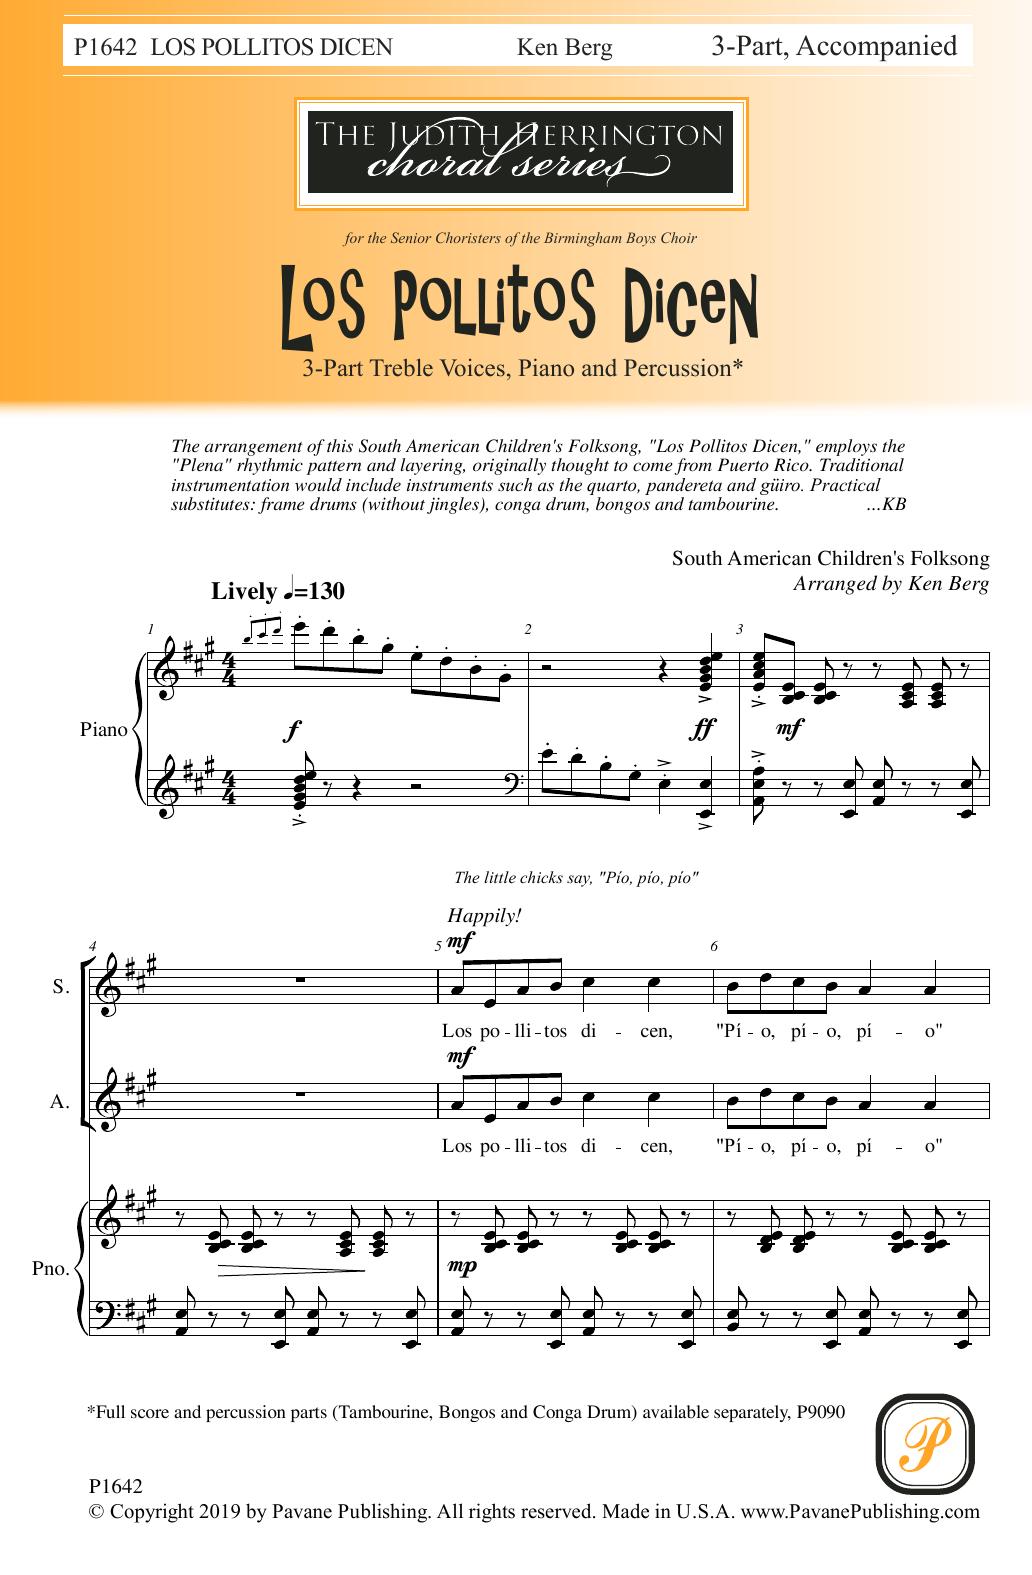 Los Pollitos Dicen (Ken Berg) Sheet Music